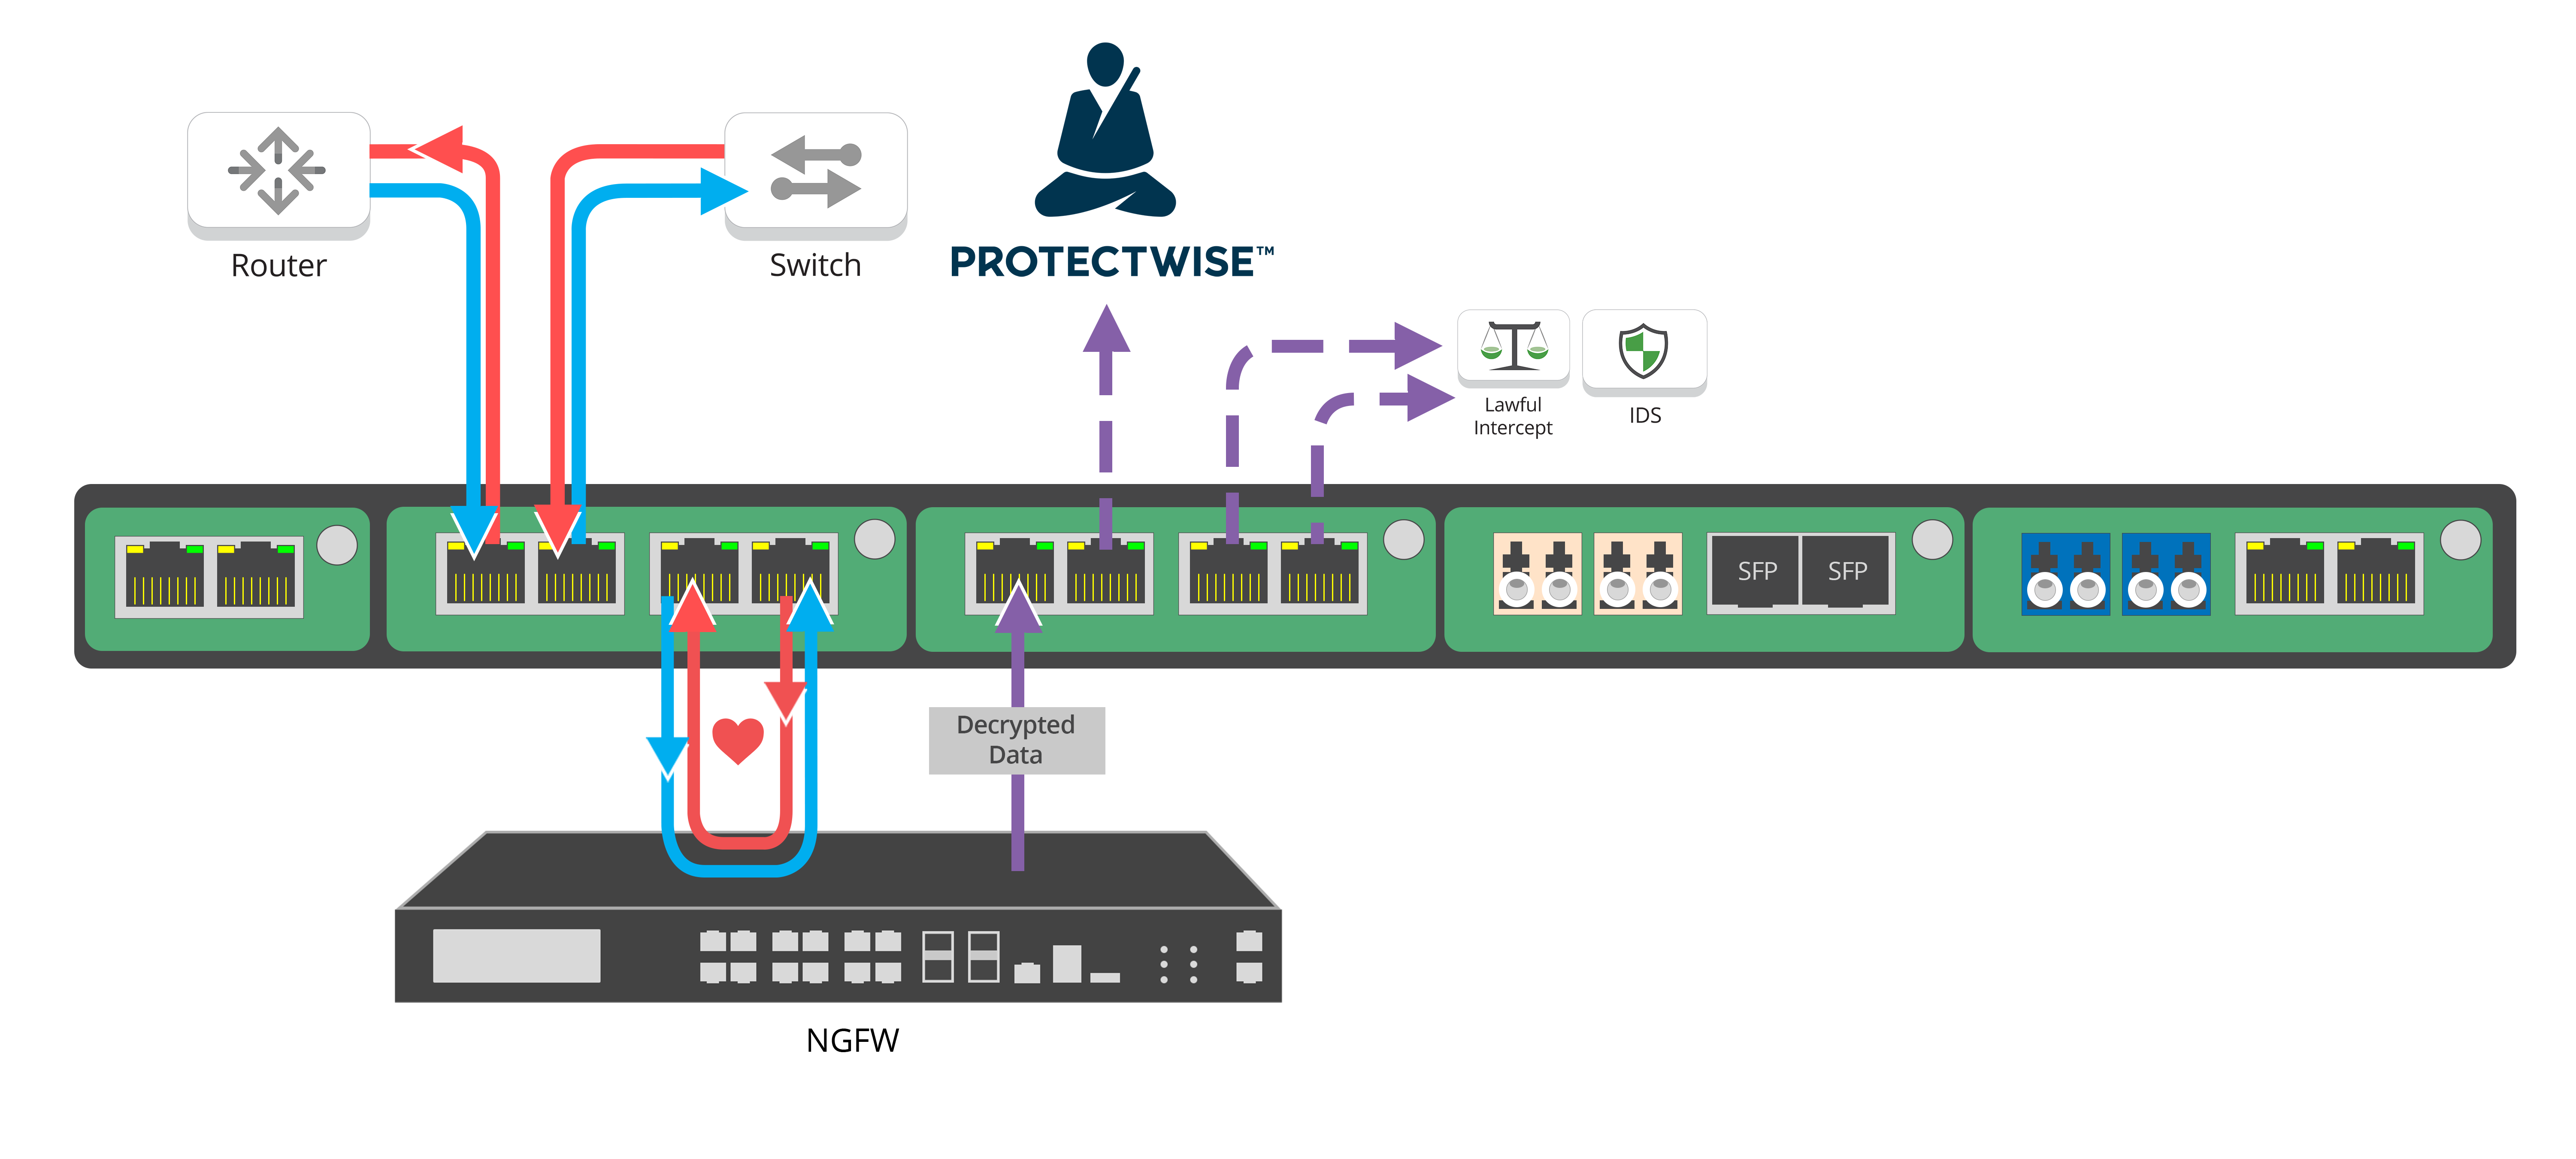 GT1U-PW encrypted traffic flow